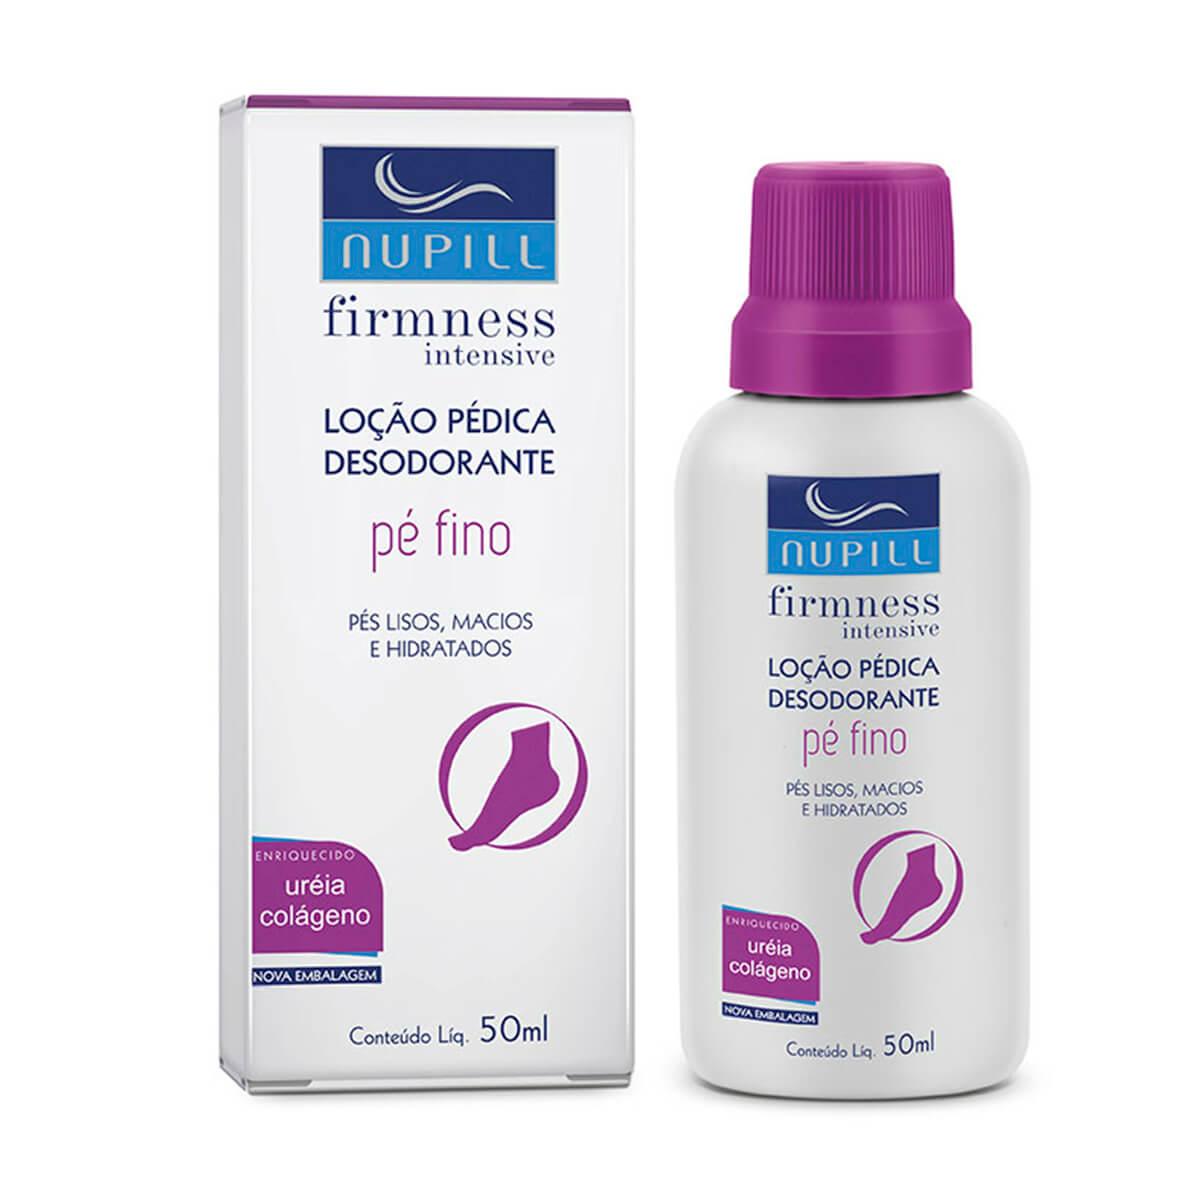 Loção Pédica Desodorante Nupill Pé Fino com 50ml 50g